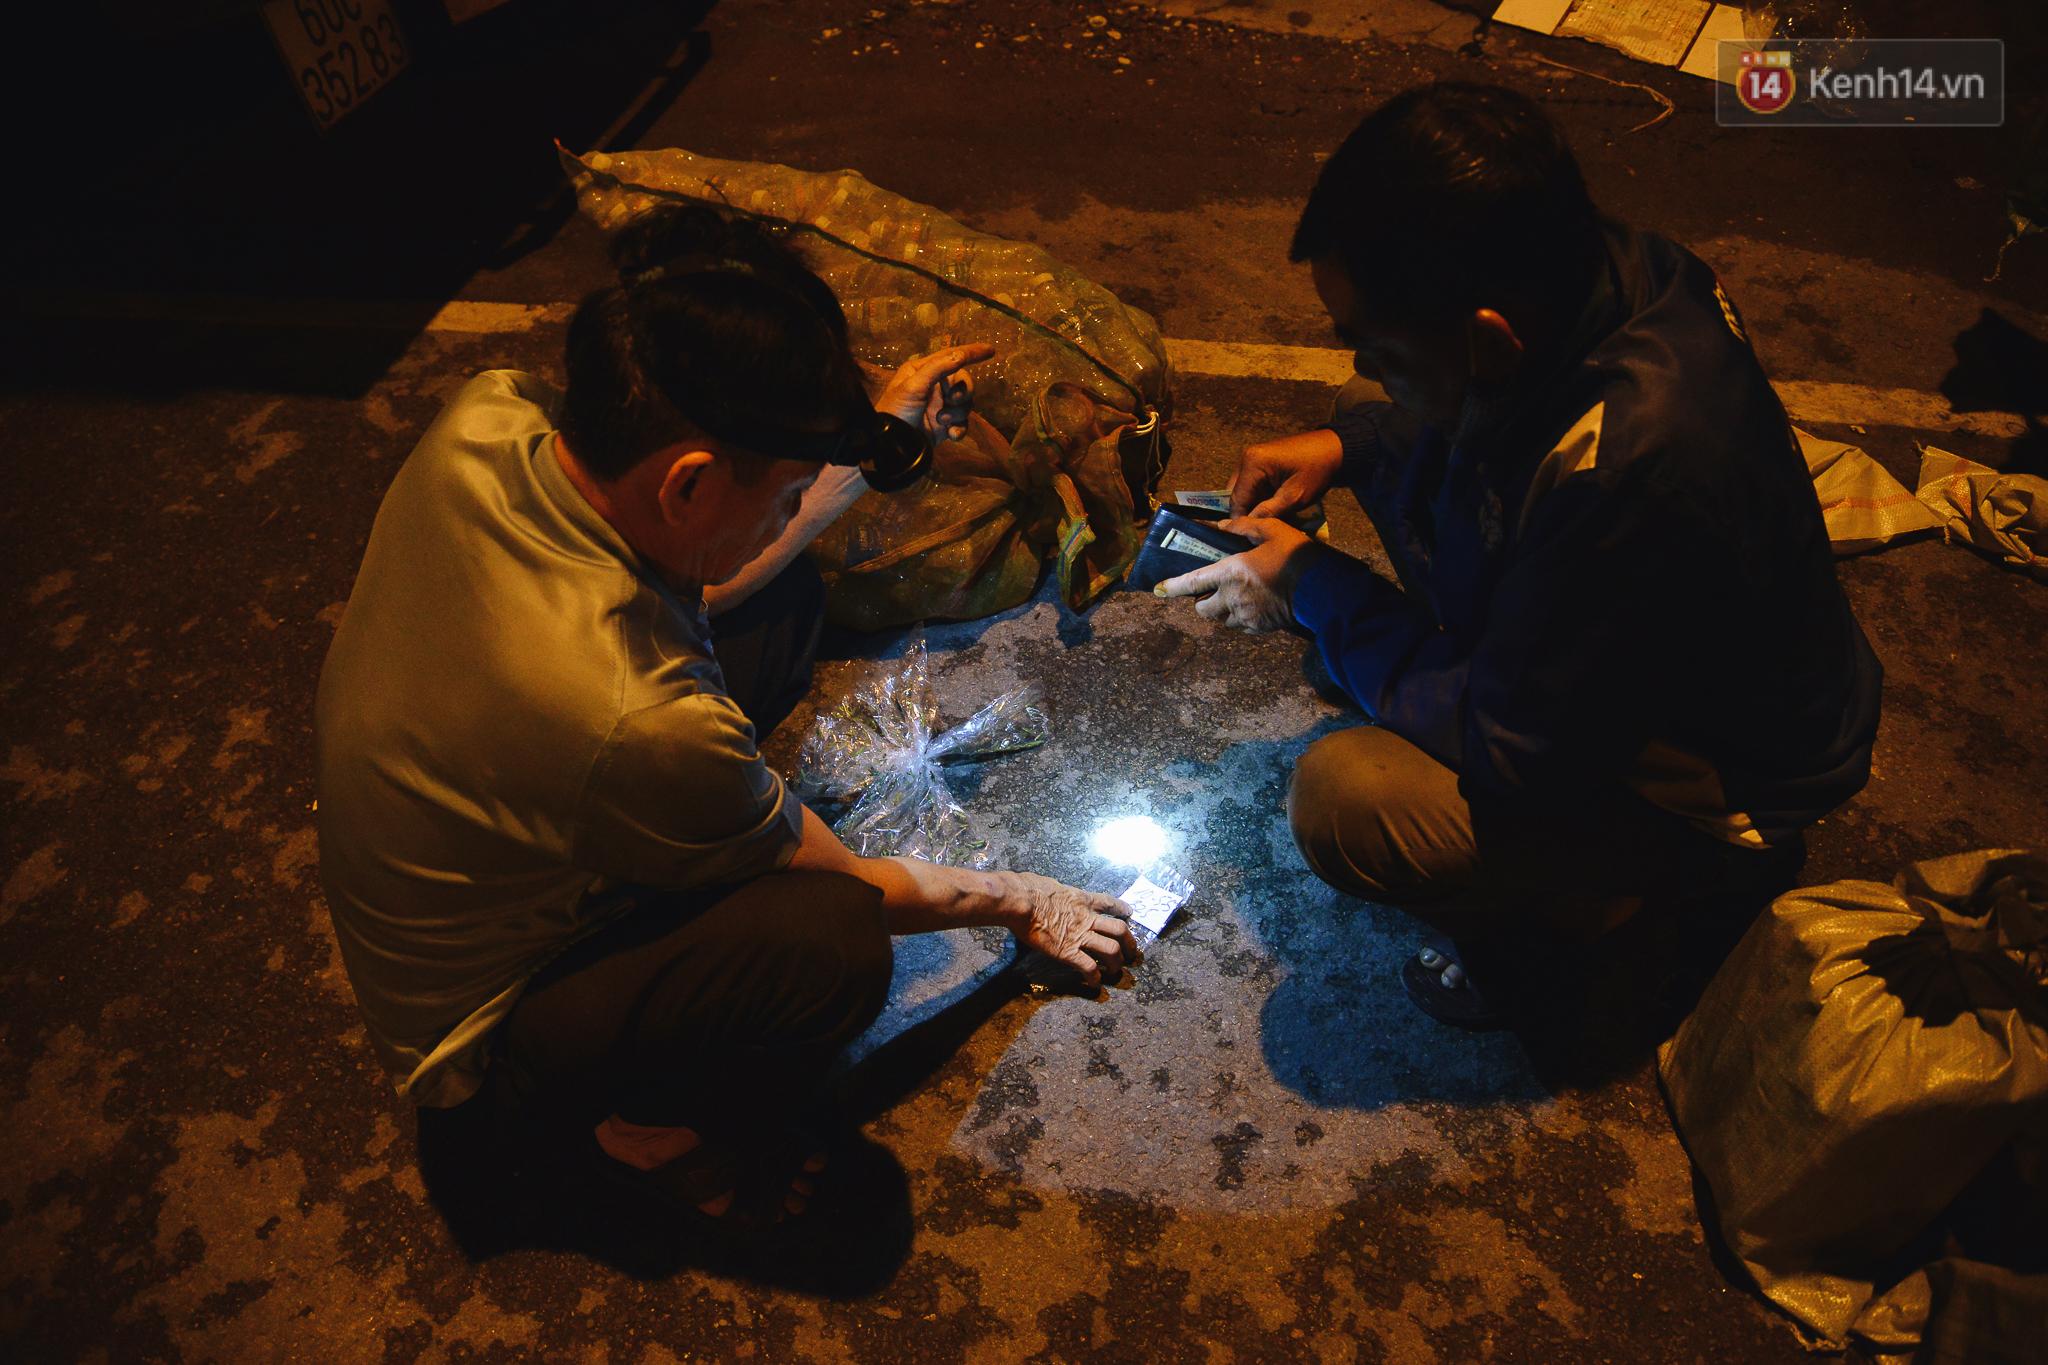 Cận cảnh chợ côn trùng độc nhất Sài Gòn, mỗi ngày chỉ họp đúng 2 tiếng lúc nửa đêm - Ảnh 12.